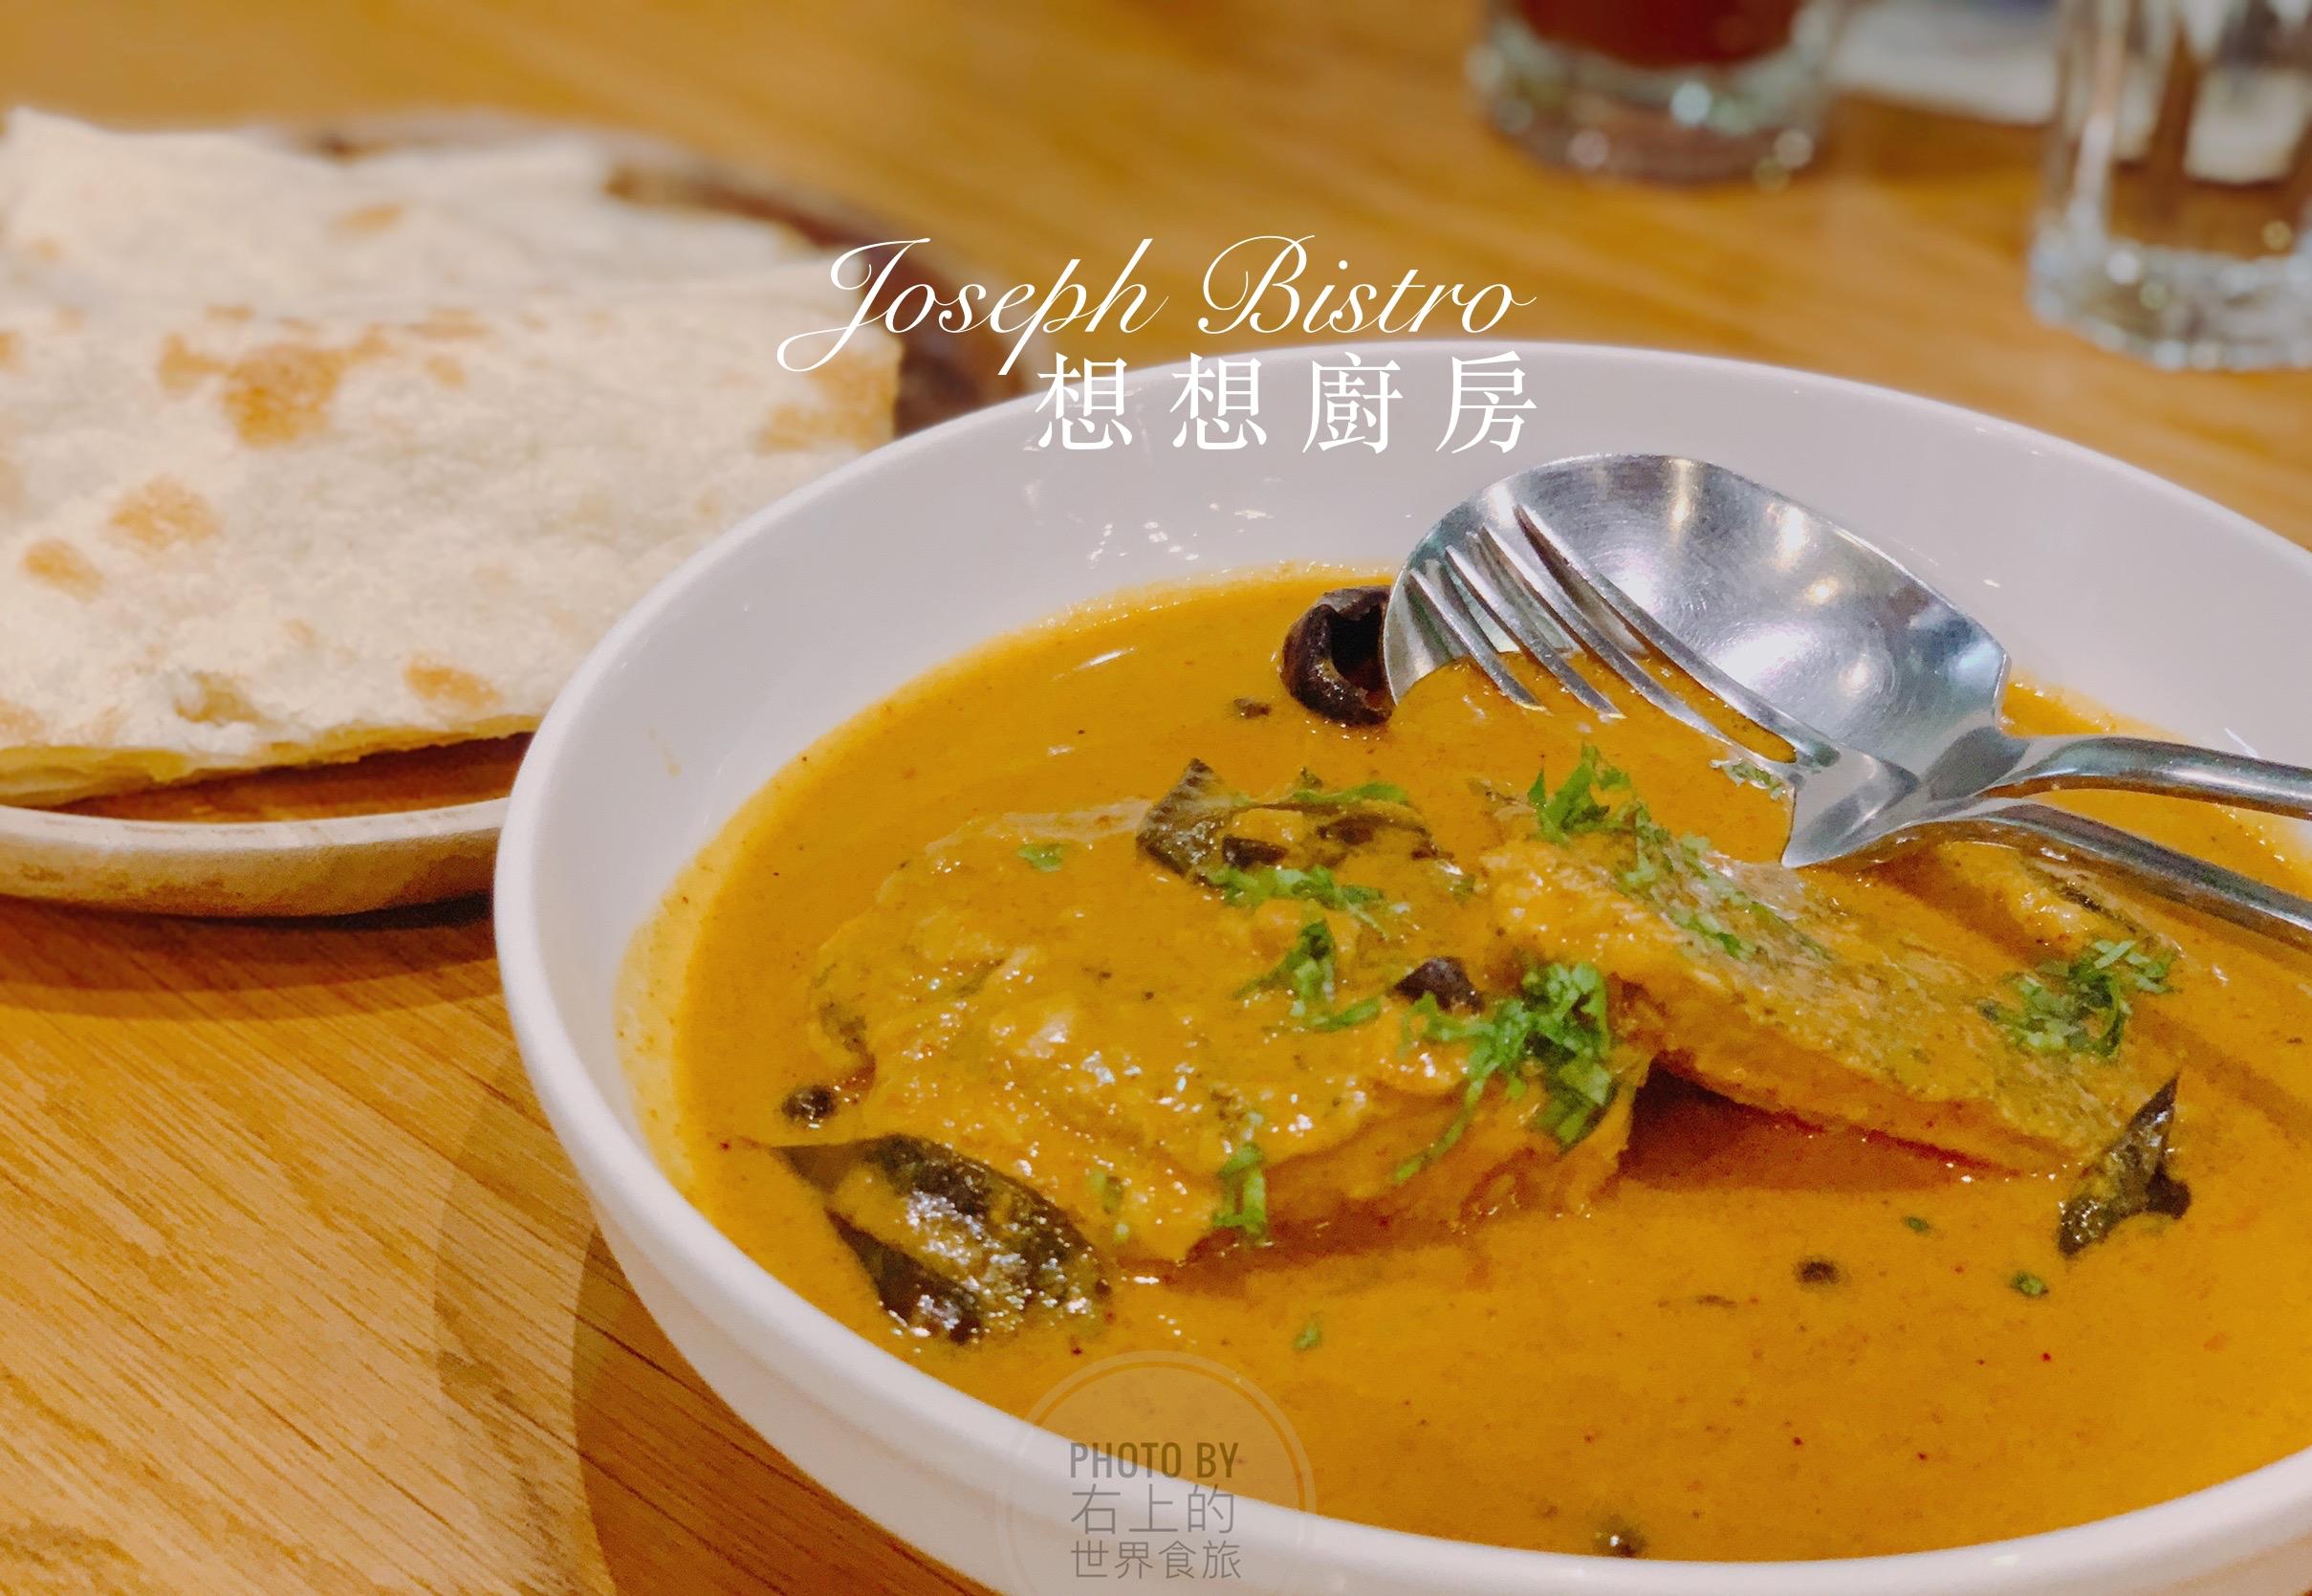 松江南京美食|Joseph Bistro想想廚房:米其林認證,平日也滿座!印度咖哩與烤雞超美味